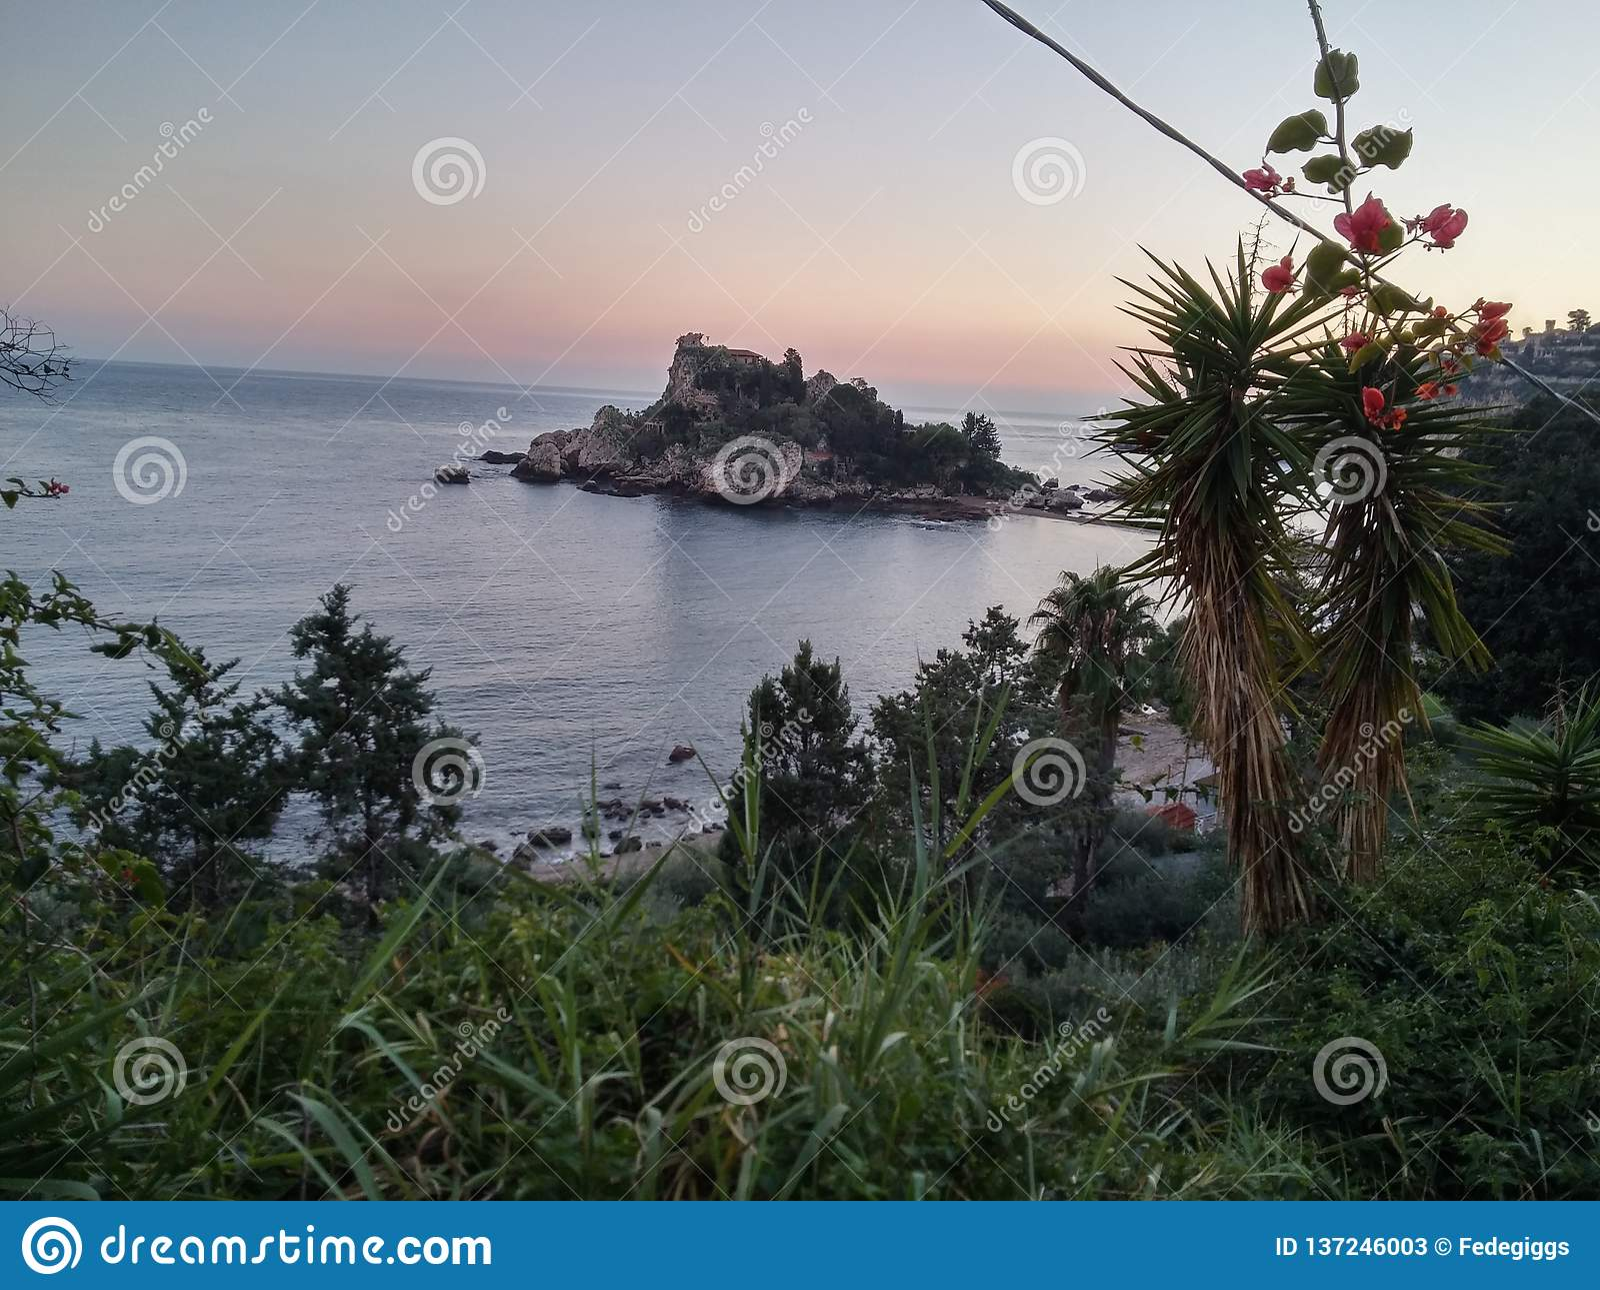 Isola bellasicilia